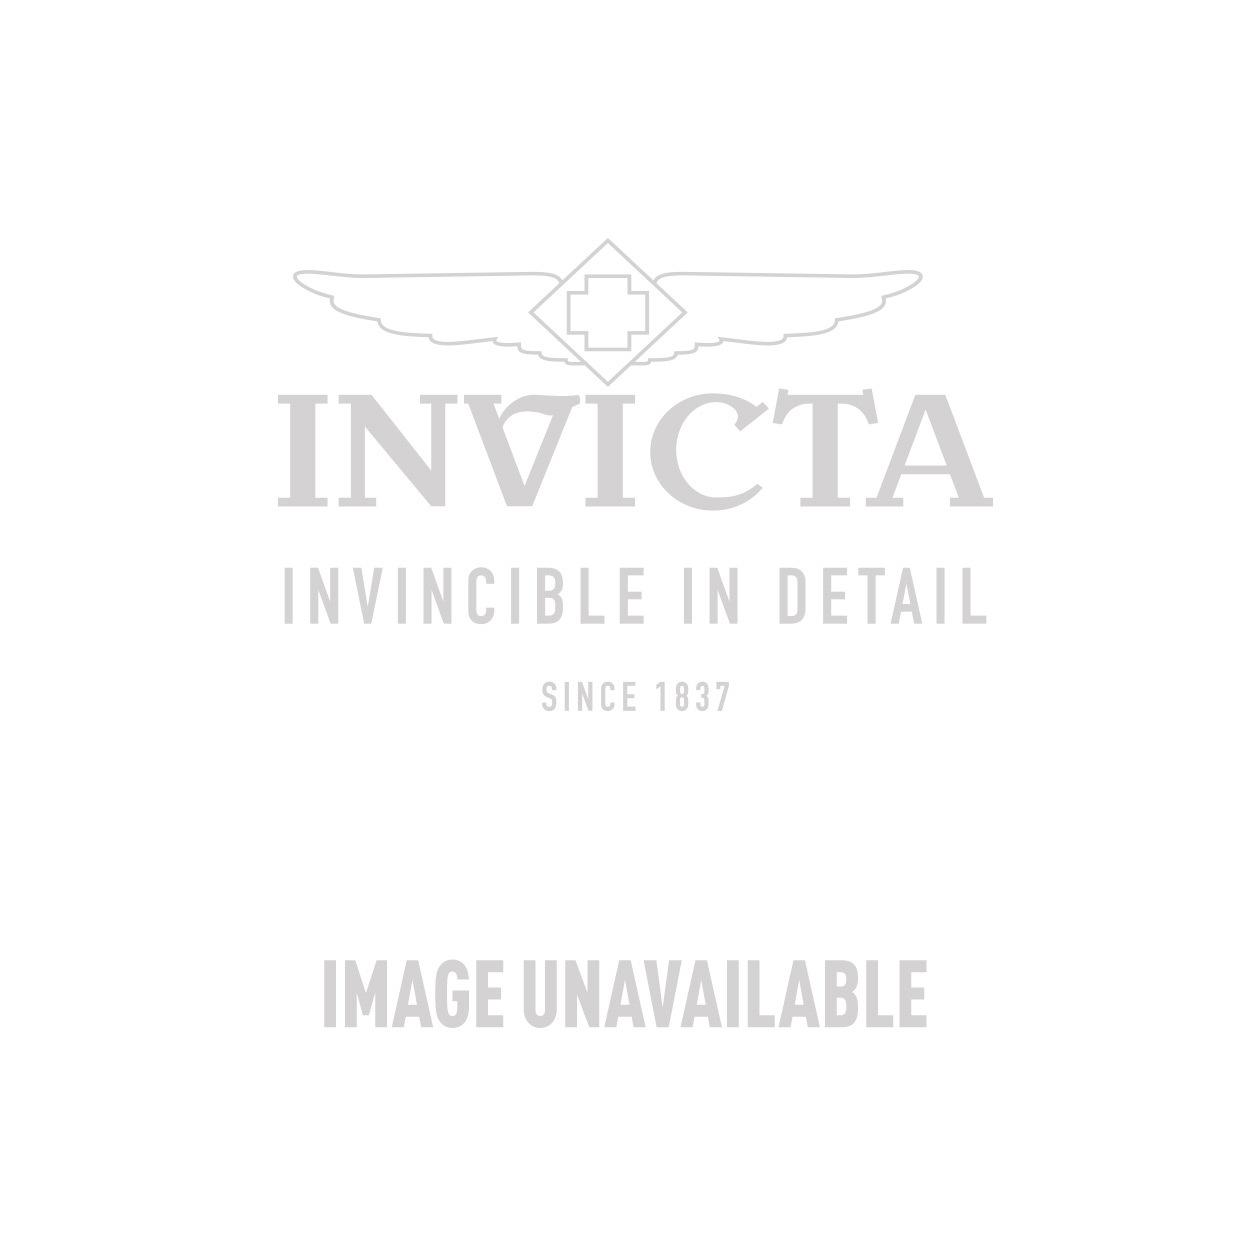 Invicta Model 24883